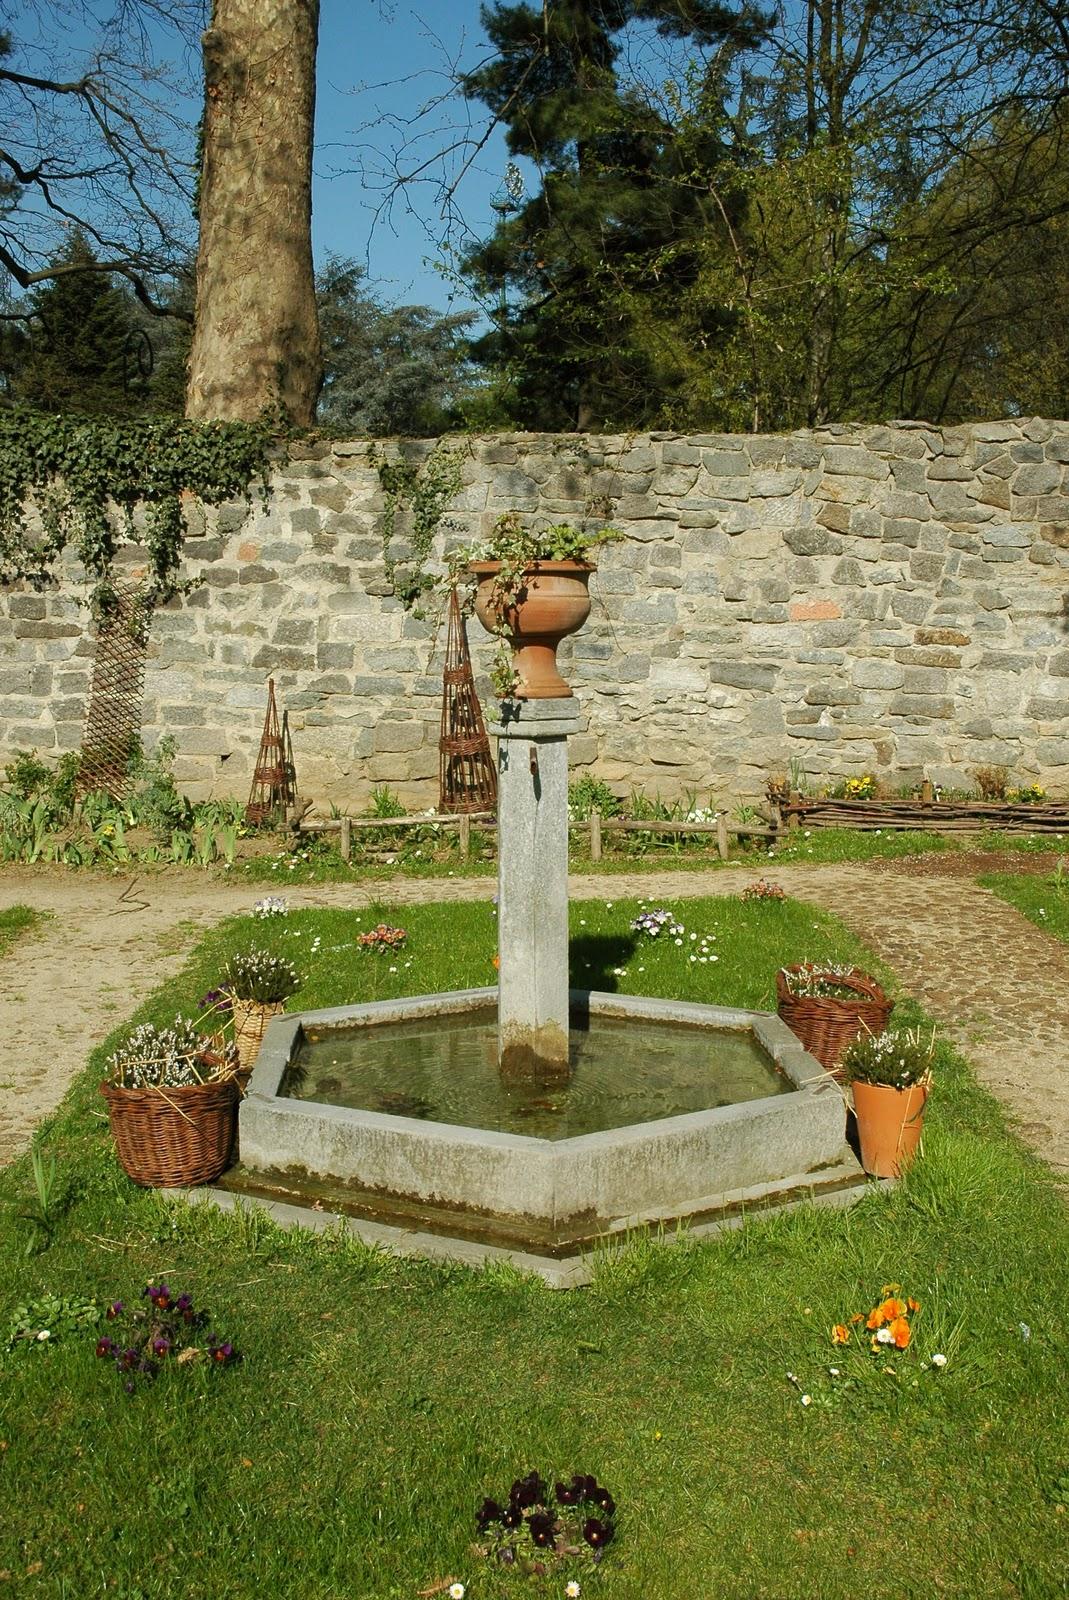 Un anno al giardino medievale di torino 2 parte - Giardino fiorito torino ...